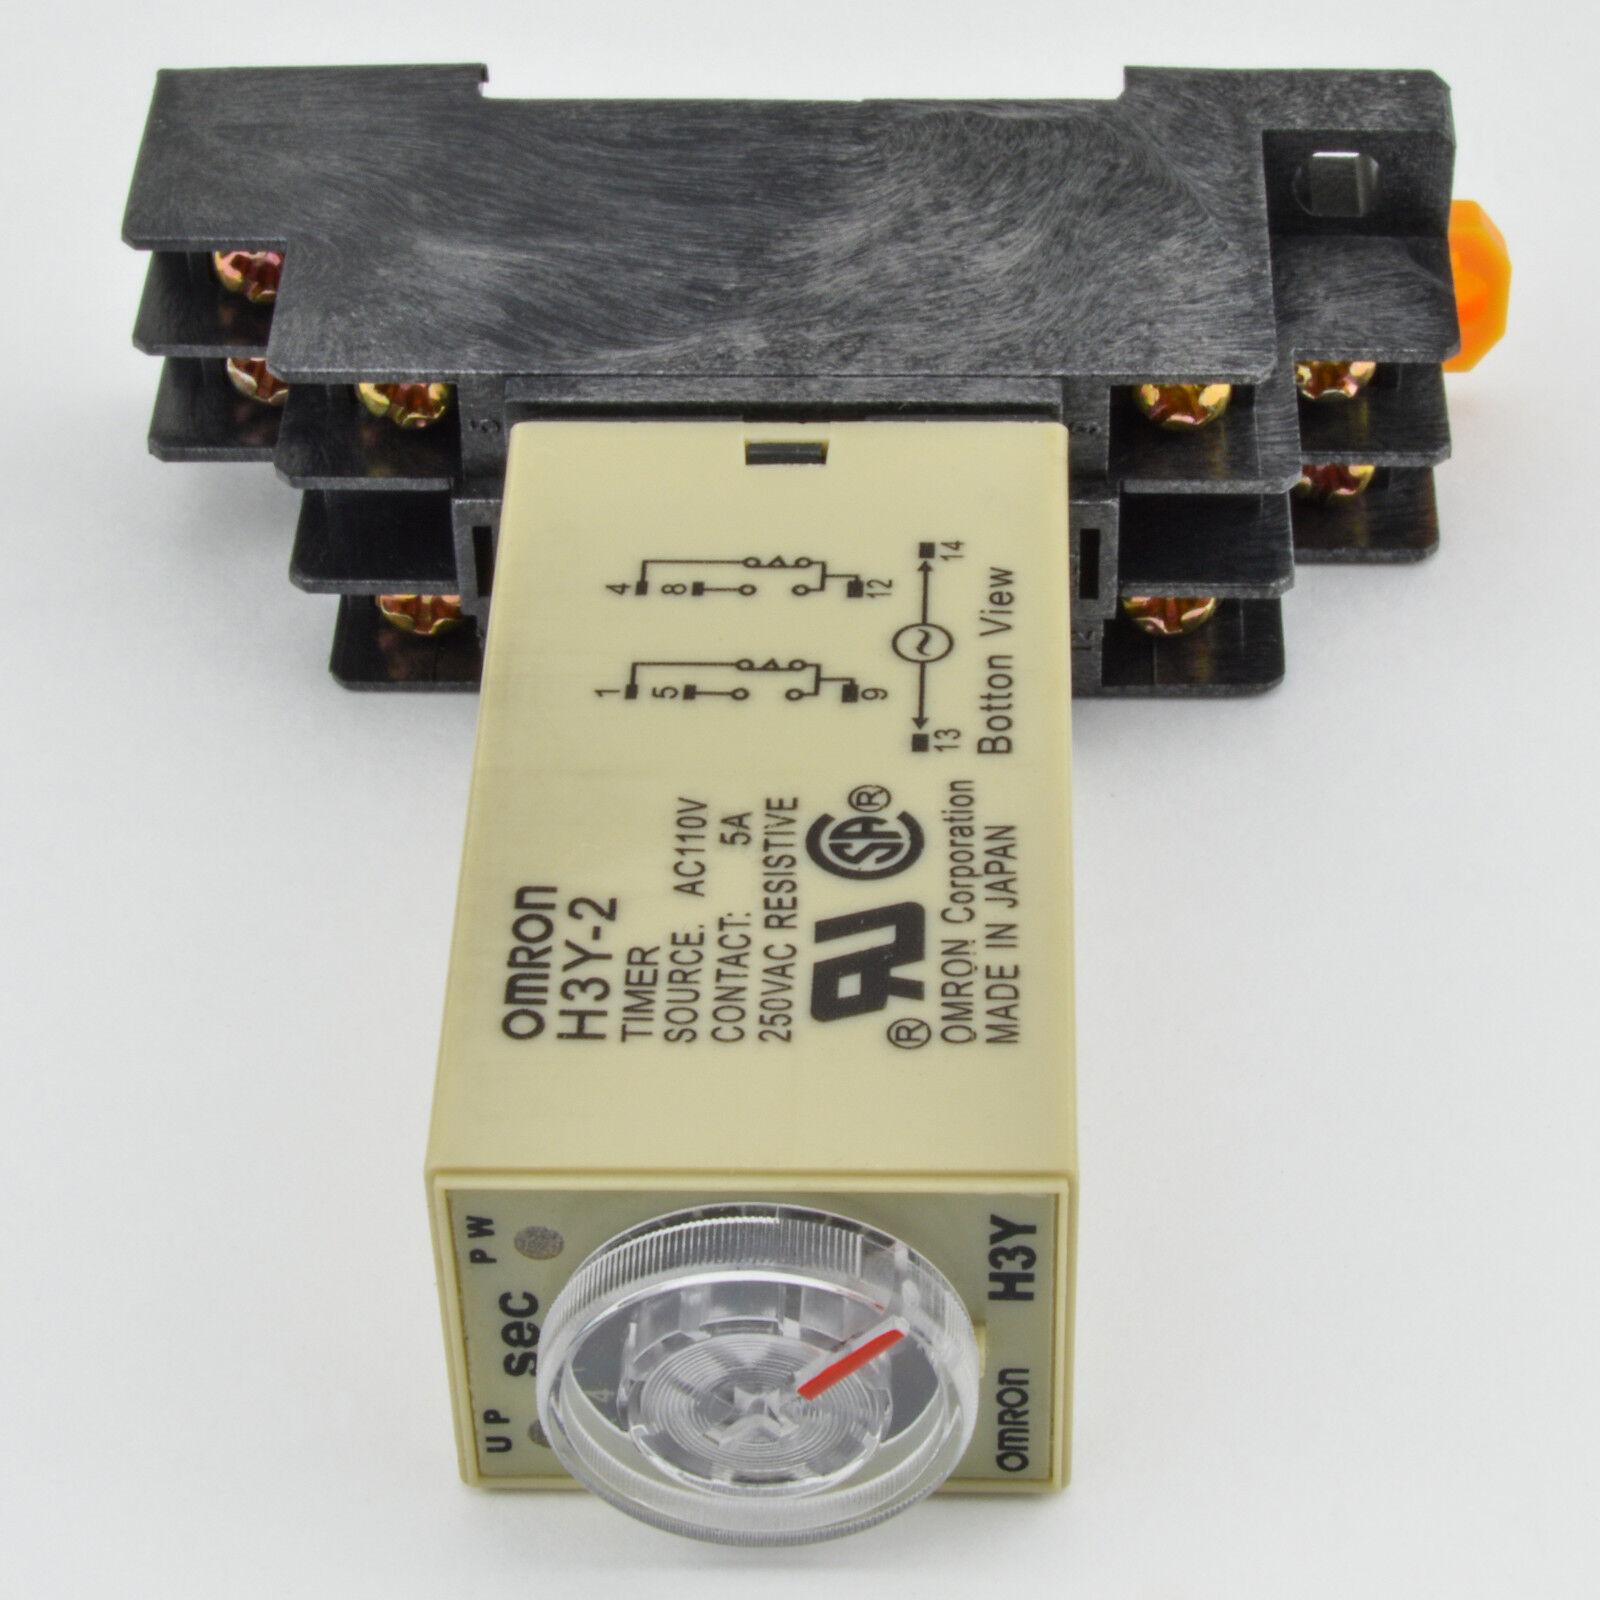 s l1600 120vac relay ebay  at edmiracle.co